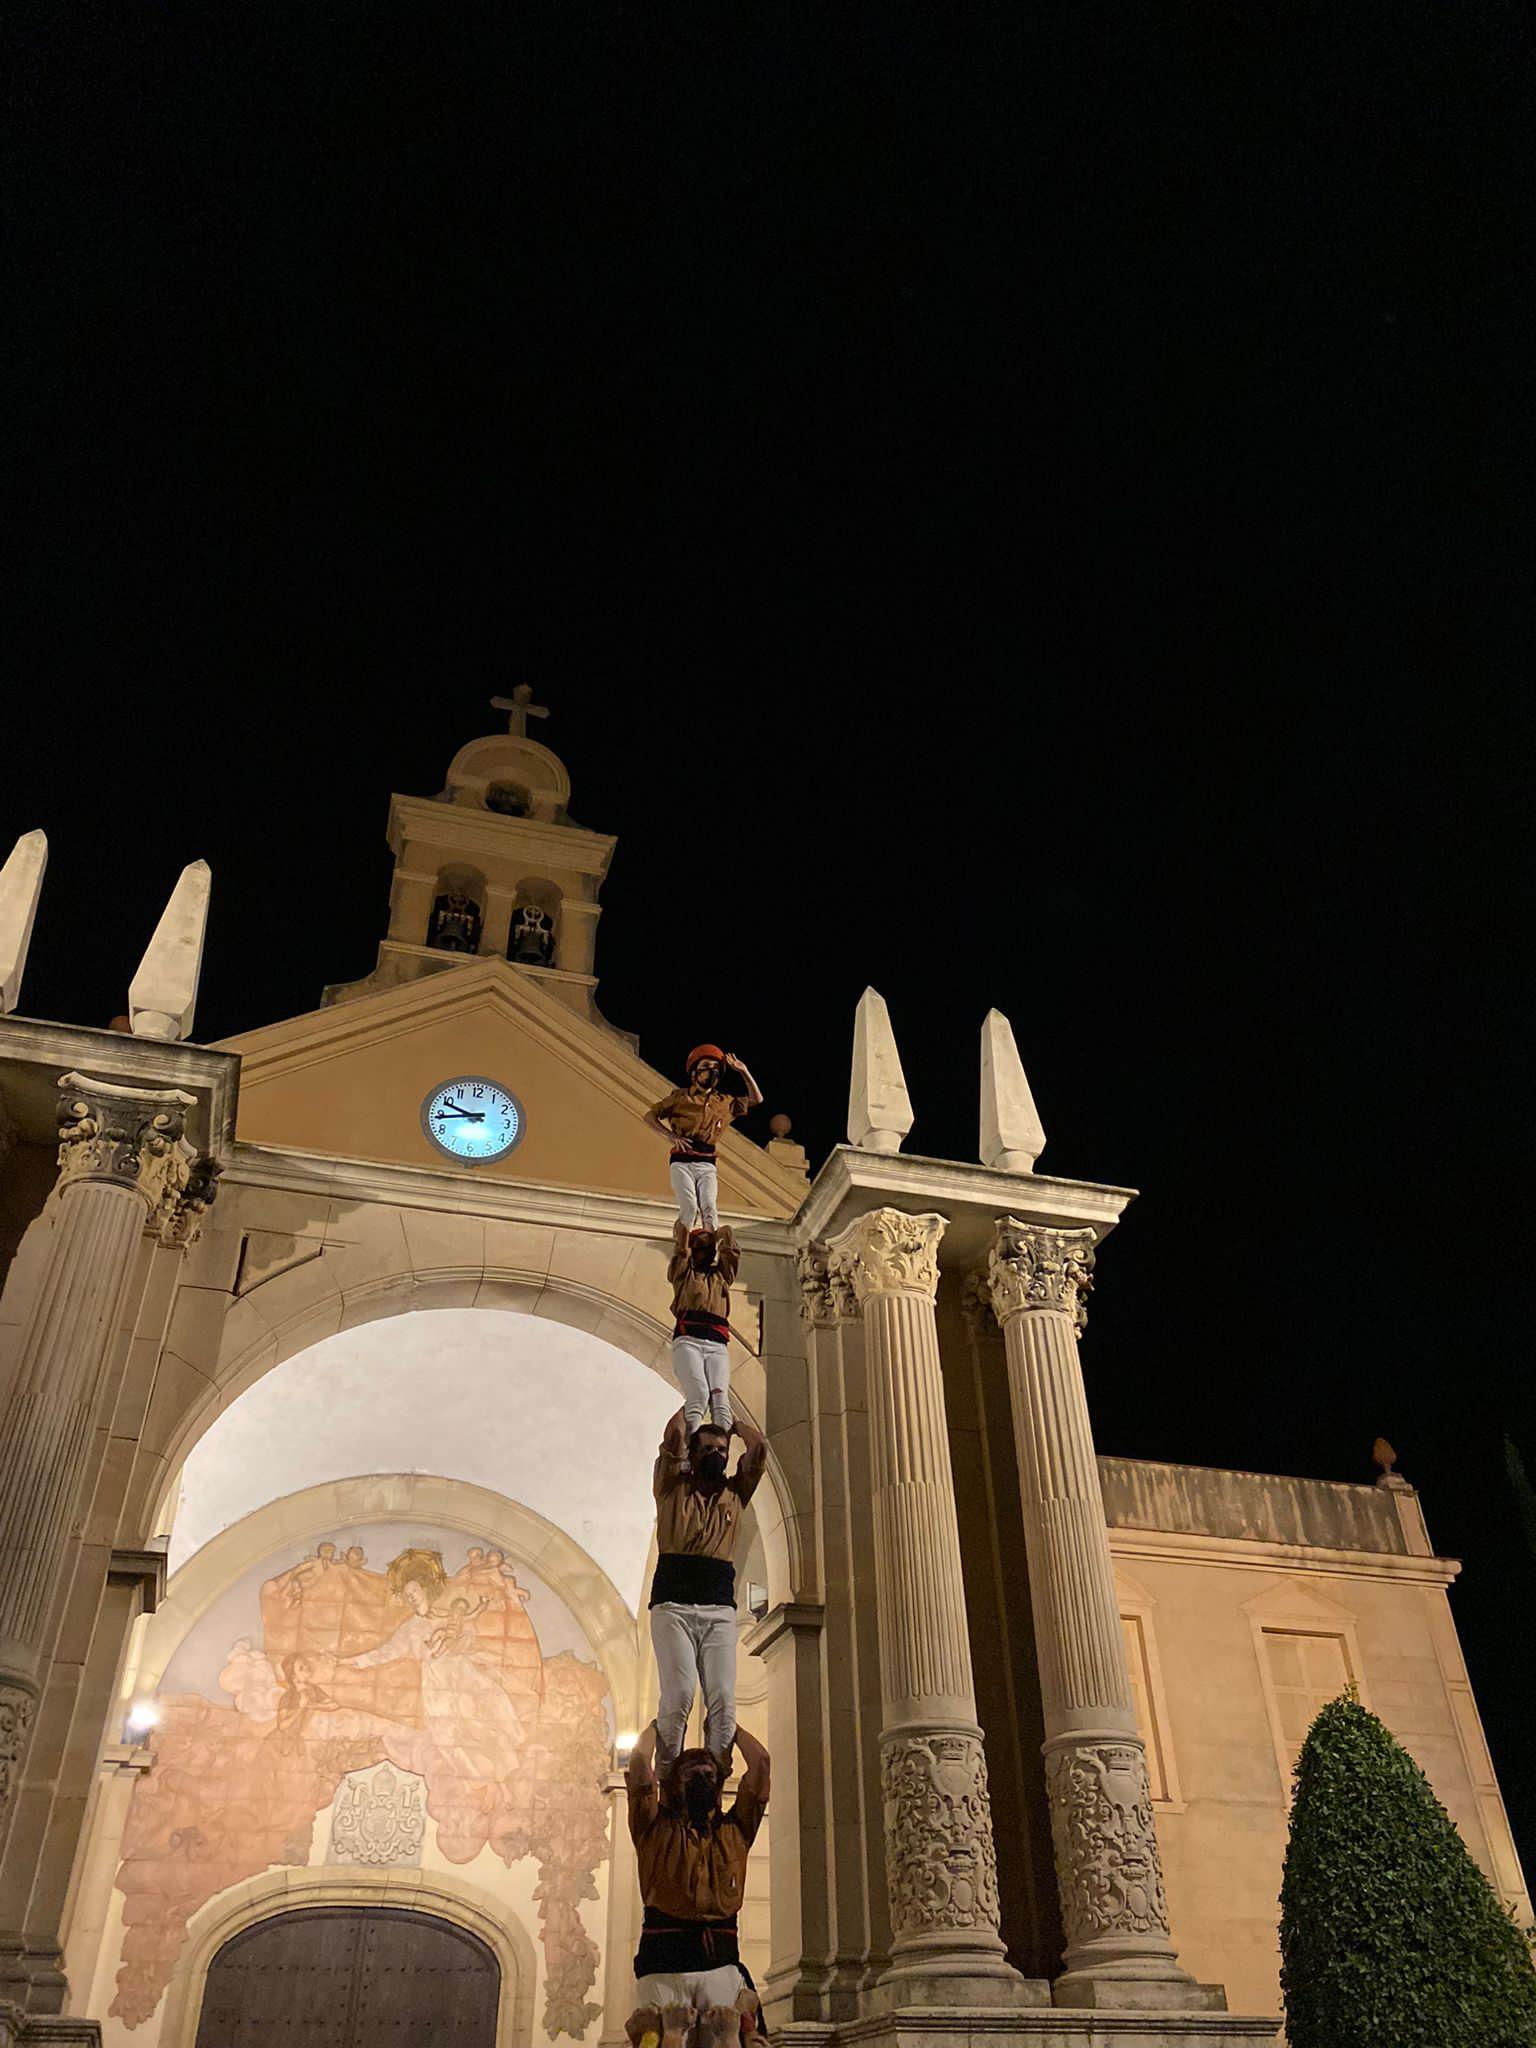 Pilar de 5 represa castellera